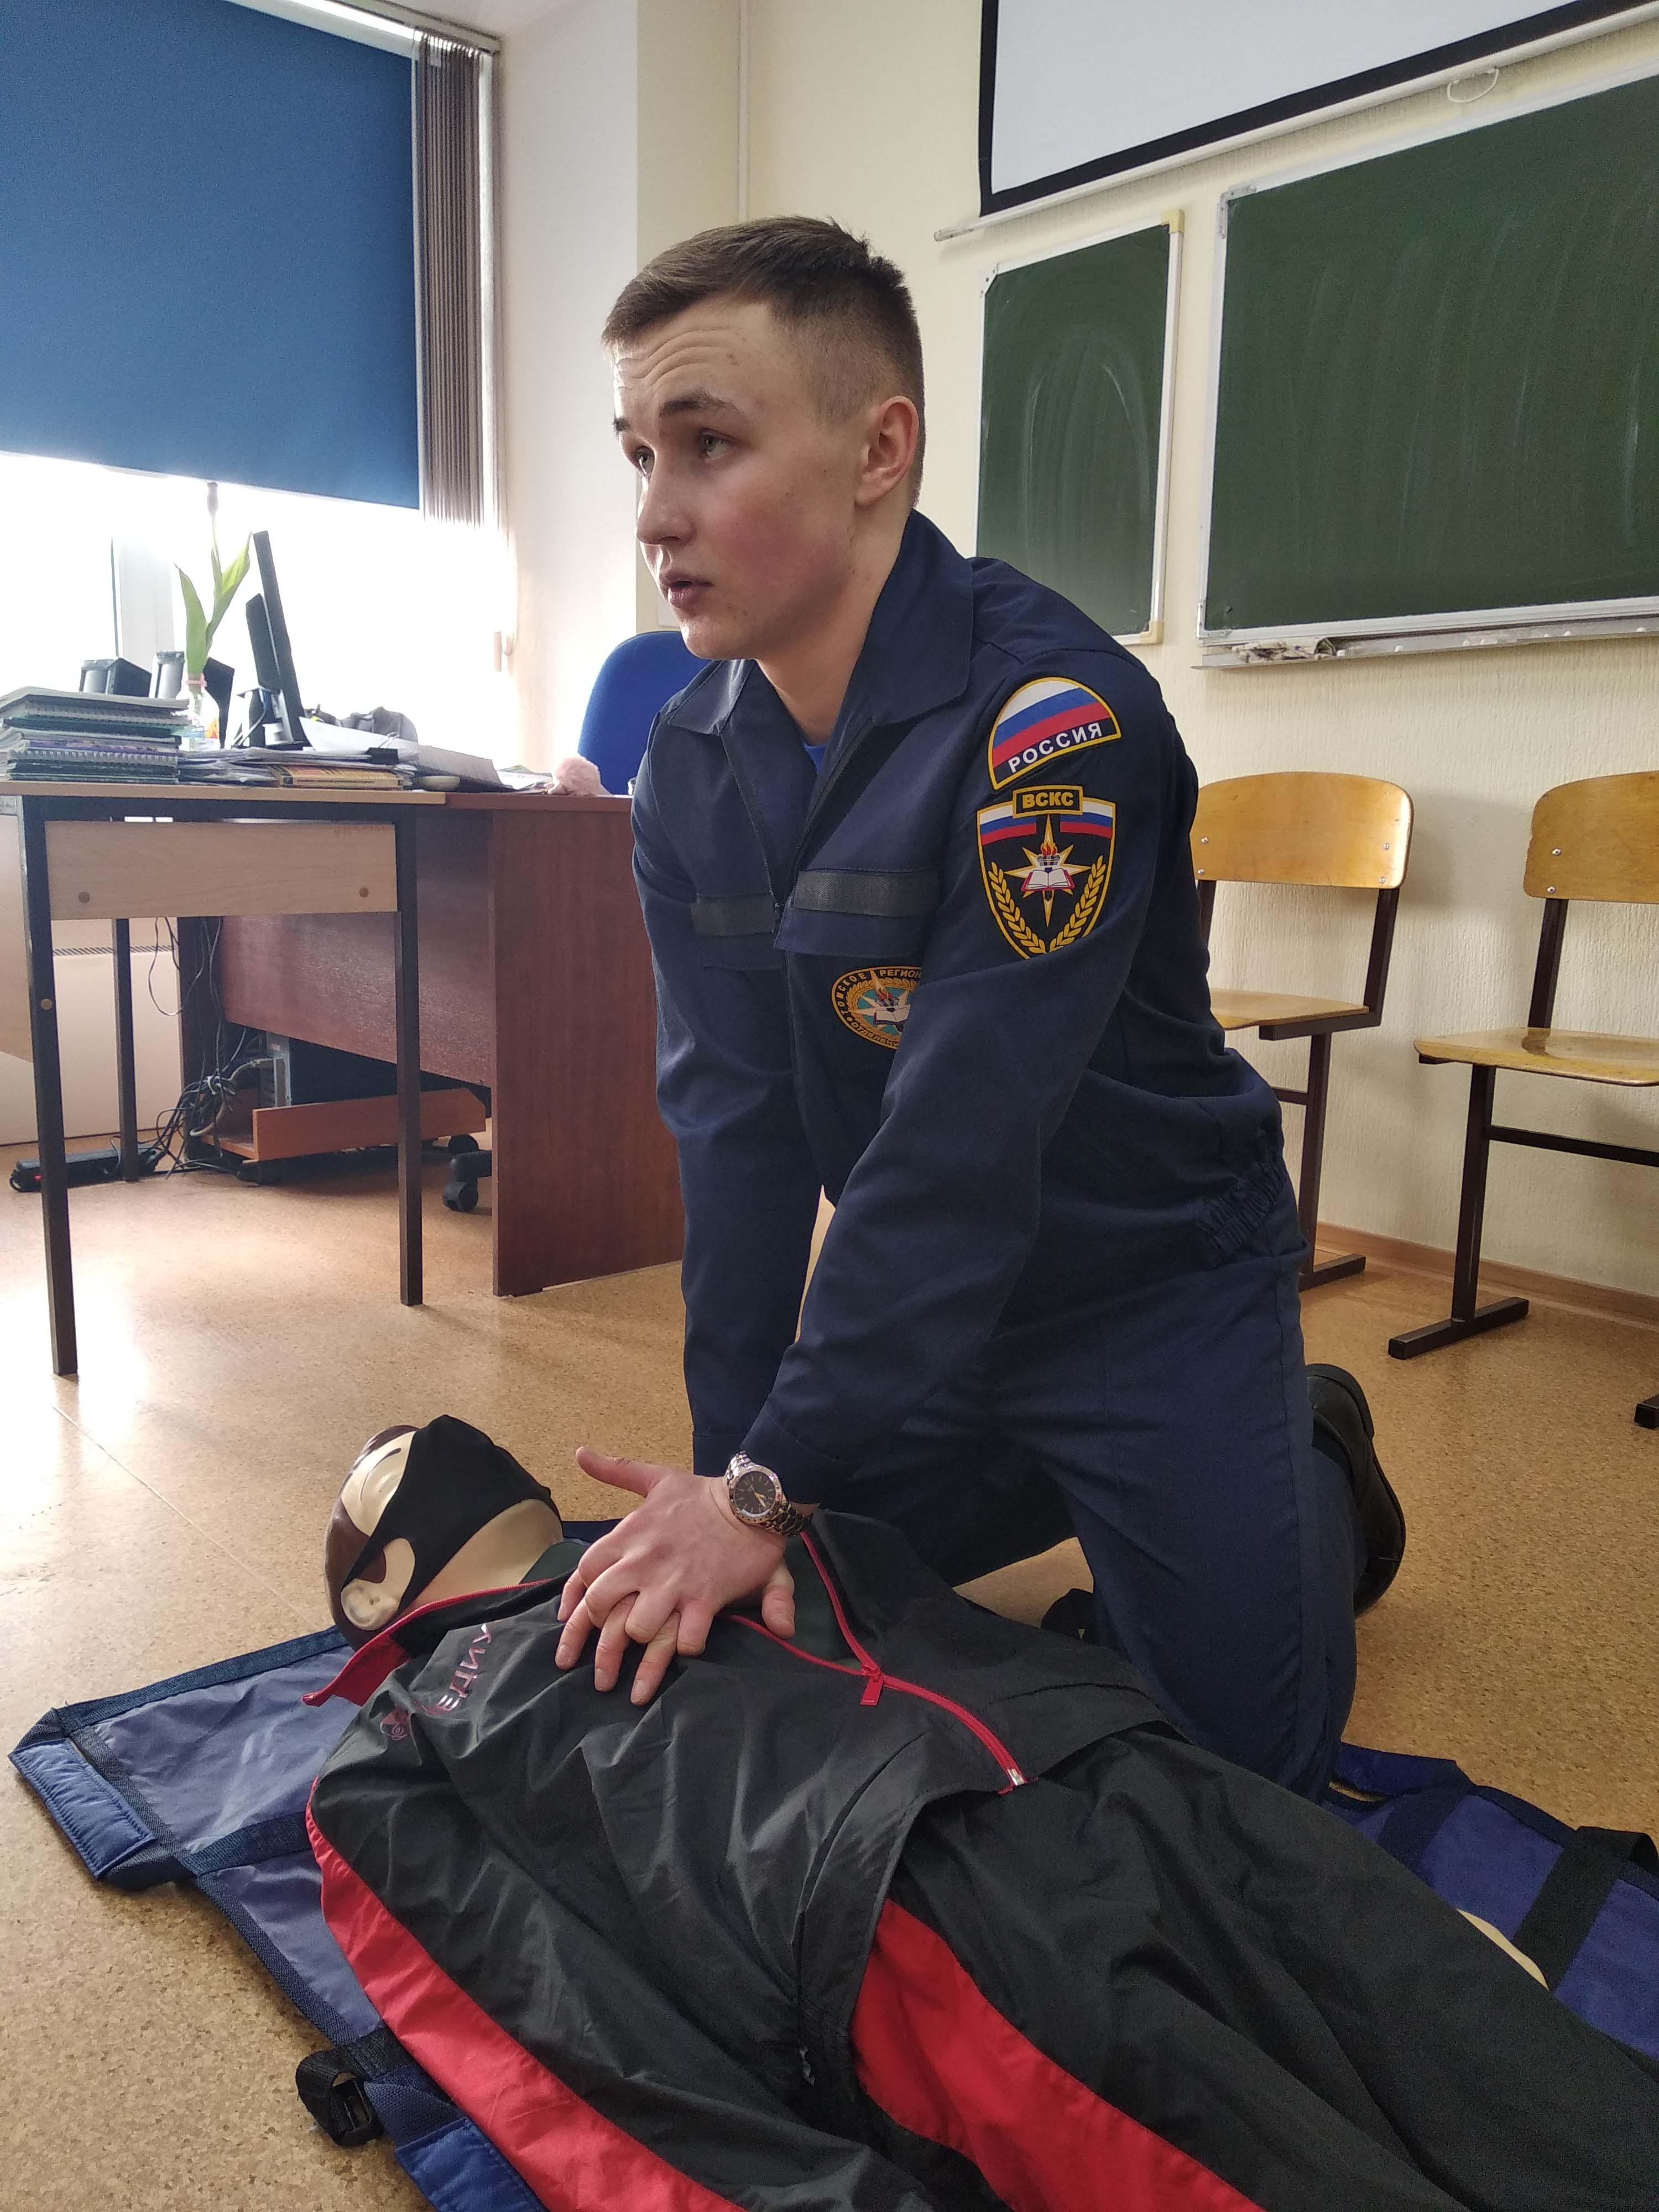 Soutěž v poskytování první pomoci pro zraněné na průmyslové a humanitární škole v Tomsku